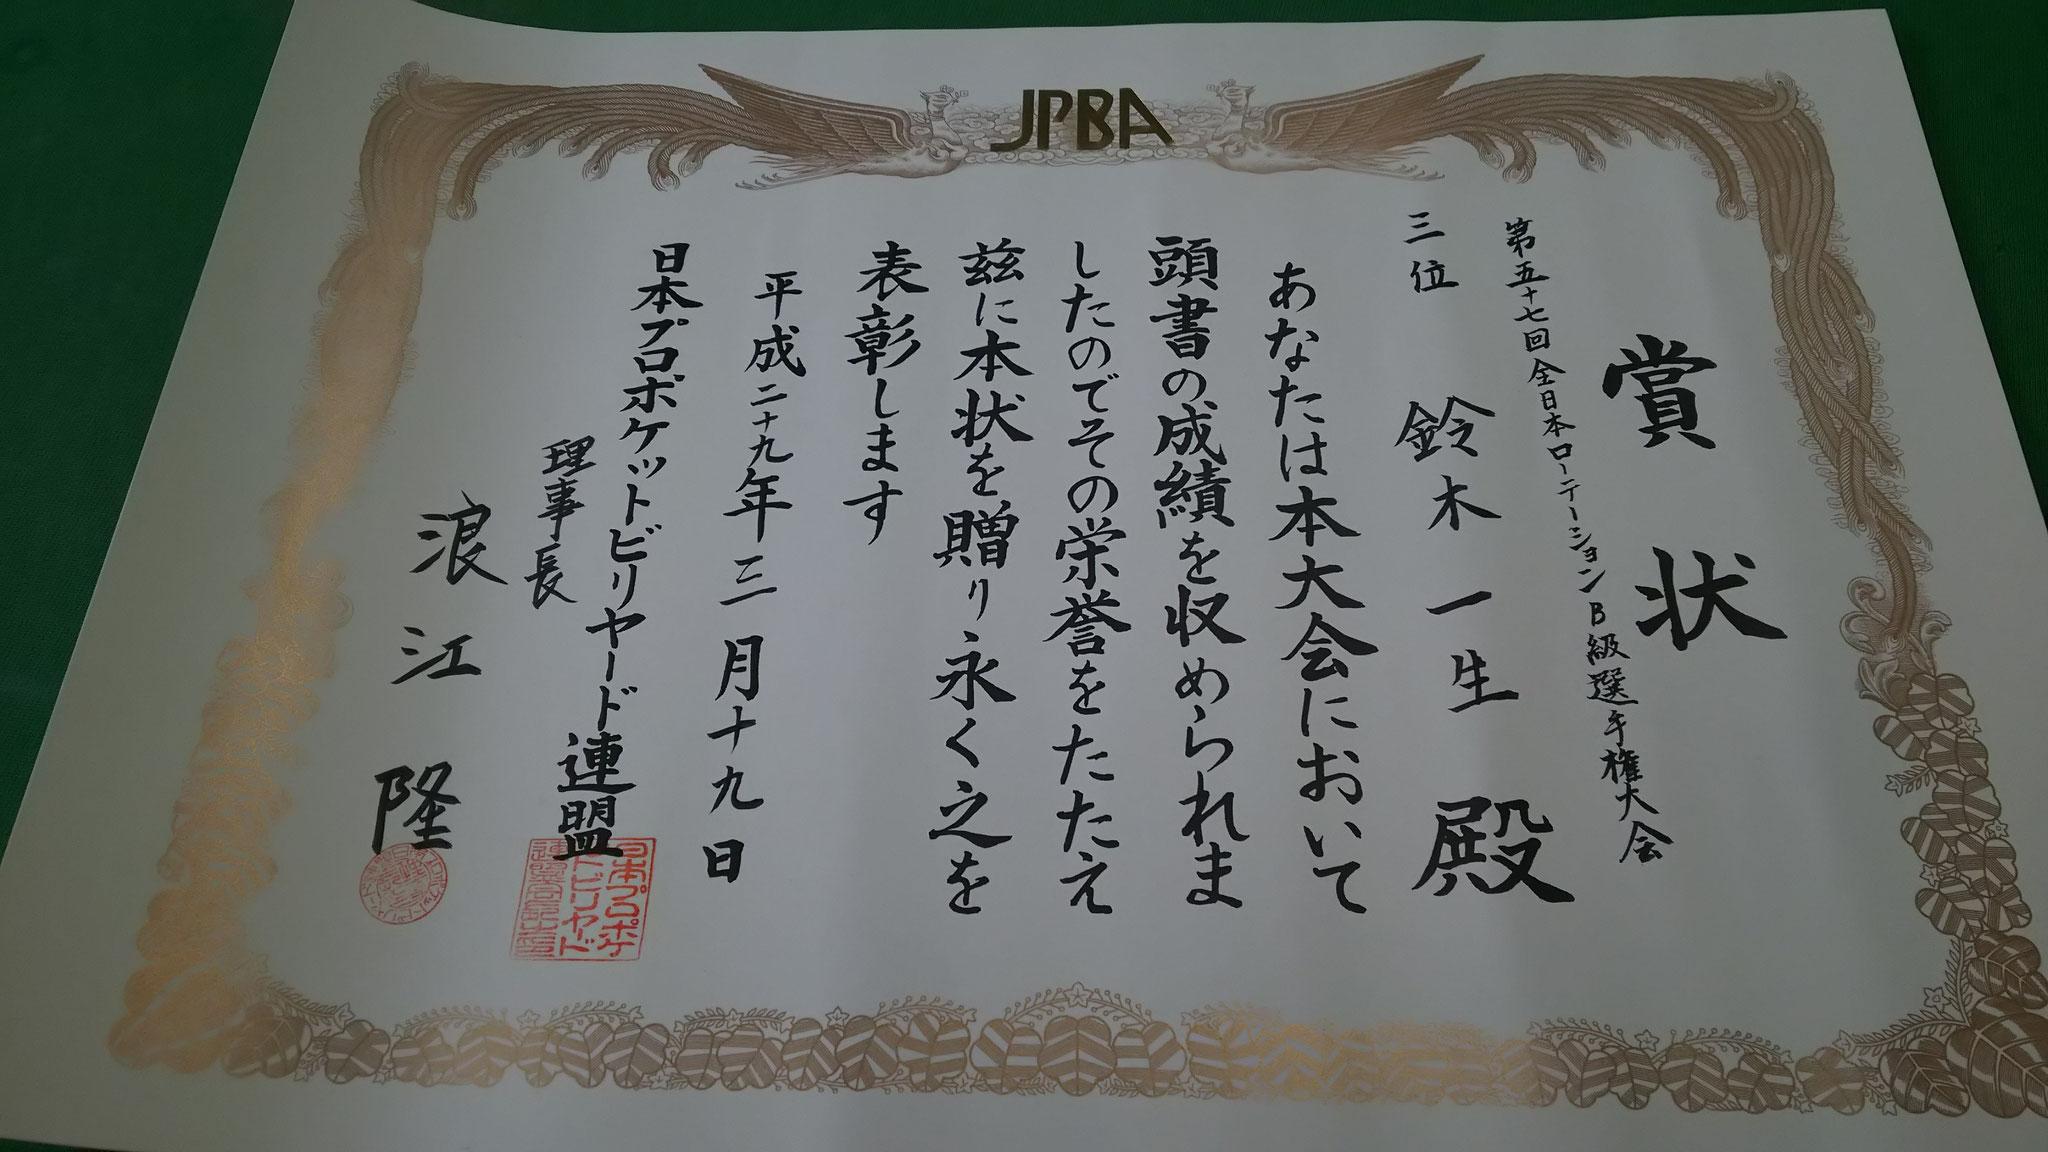 鈴木さん、無謀なコンビキャノンいったらダメですよー